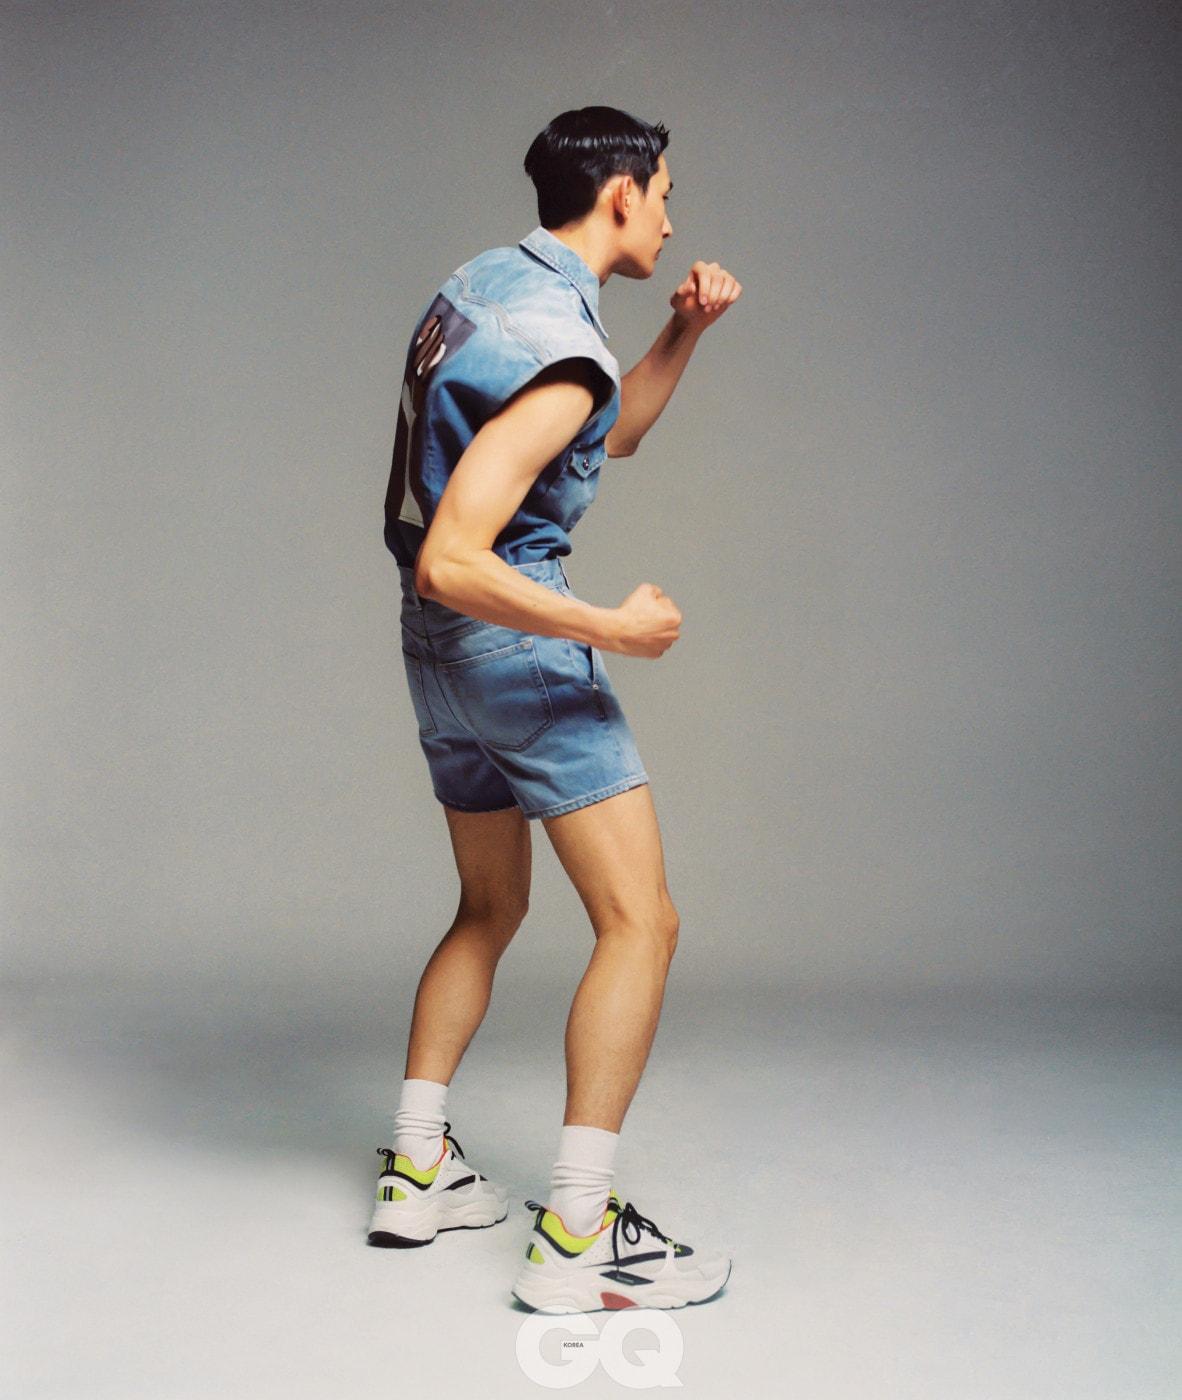 슬리브리스 데님 셔츠, 데님 쇼츠 가격 미정, 모두 포츠 1961. 스니커즈 1백35만원, 디올 옴므.